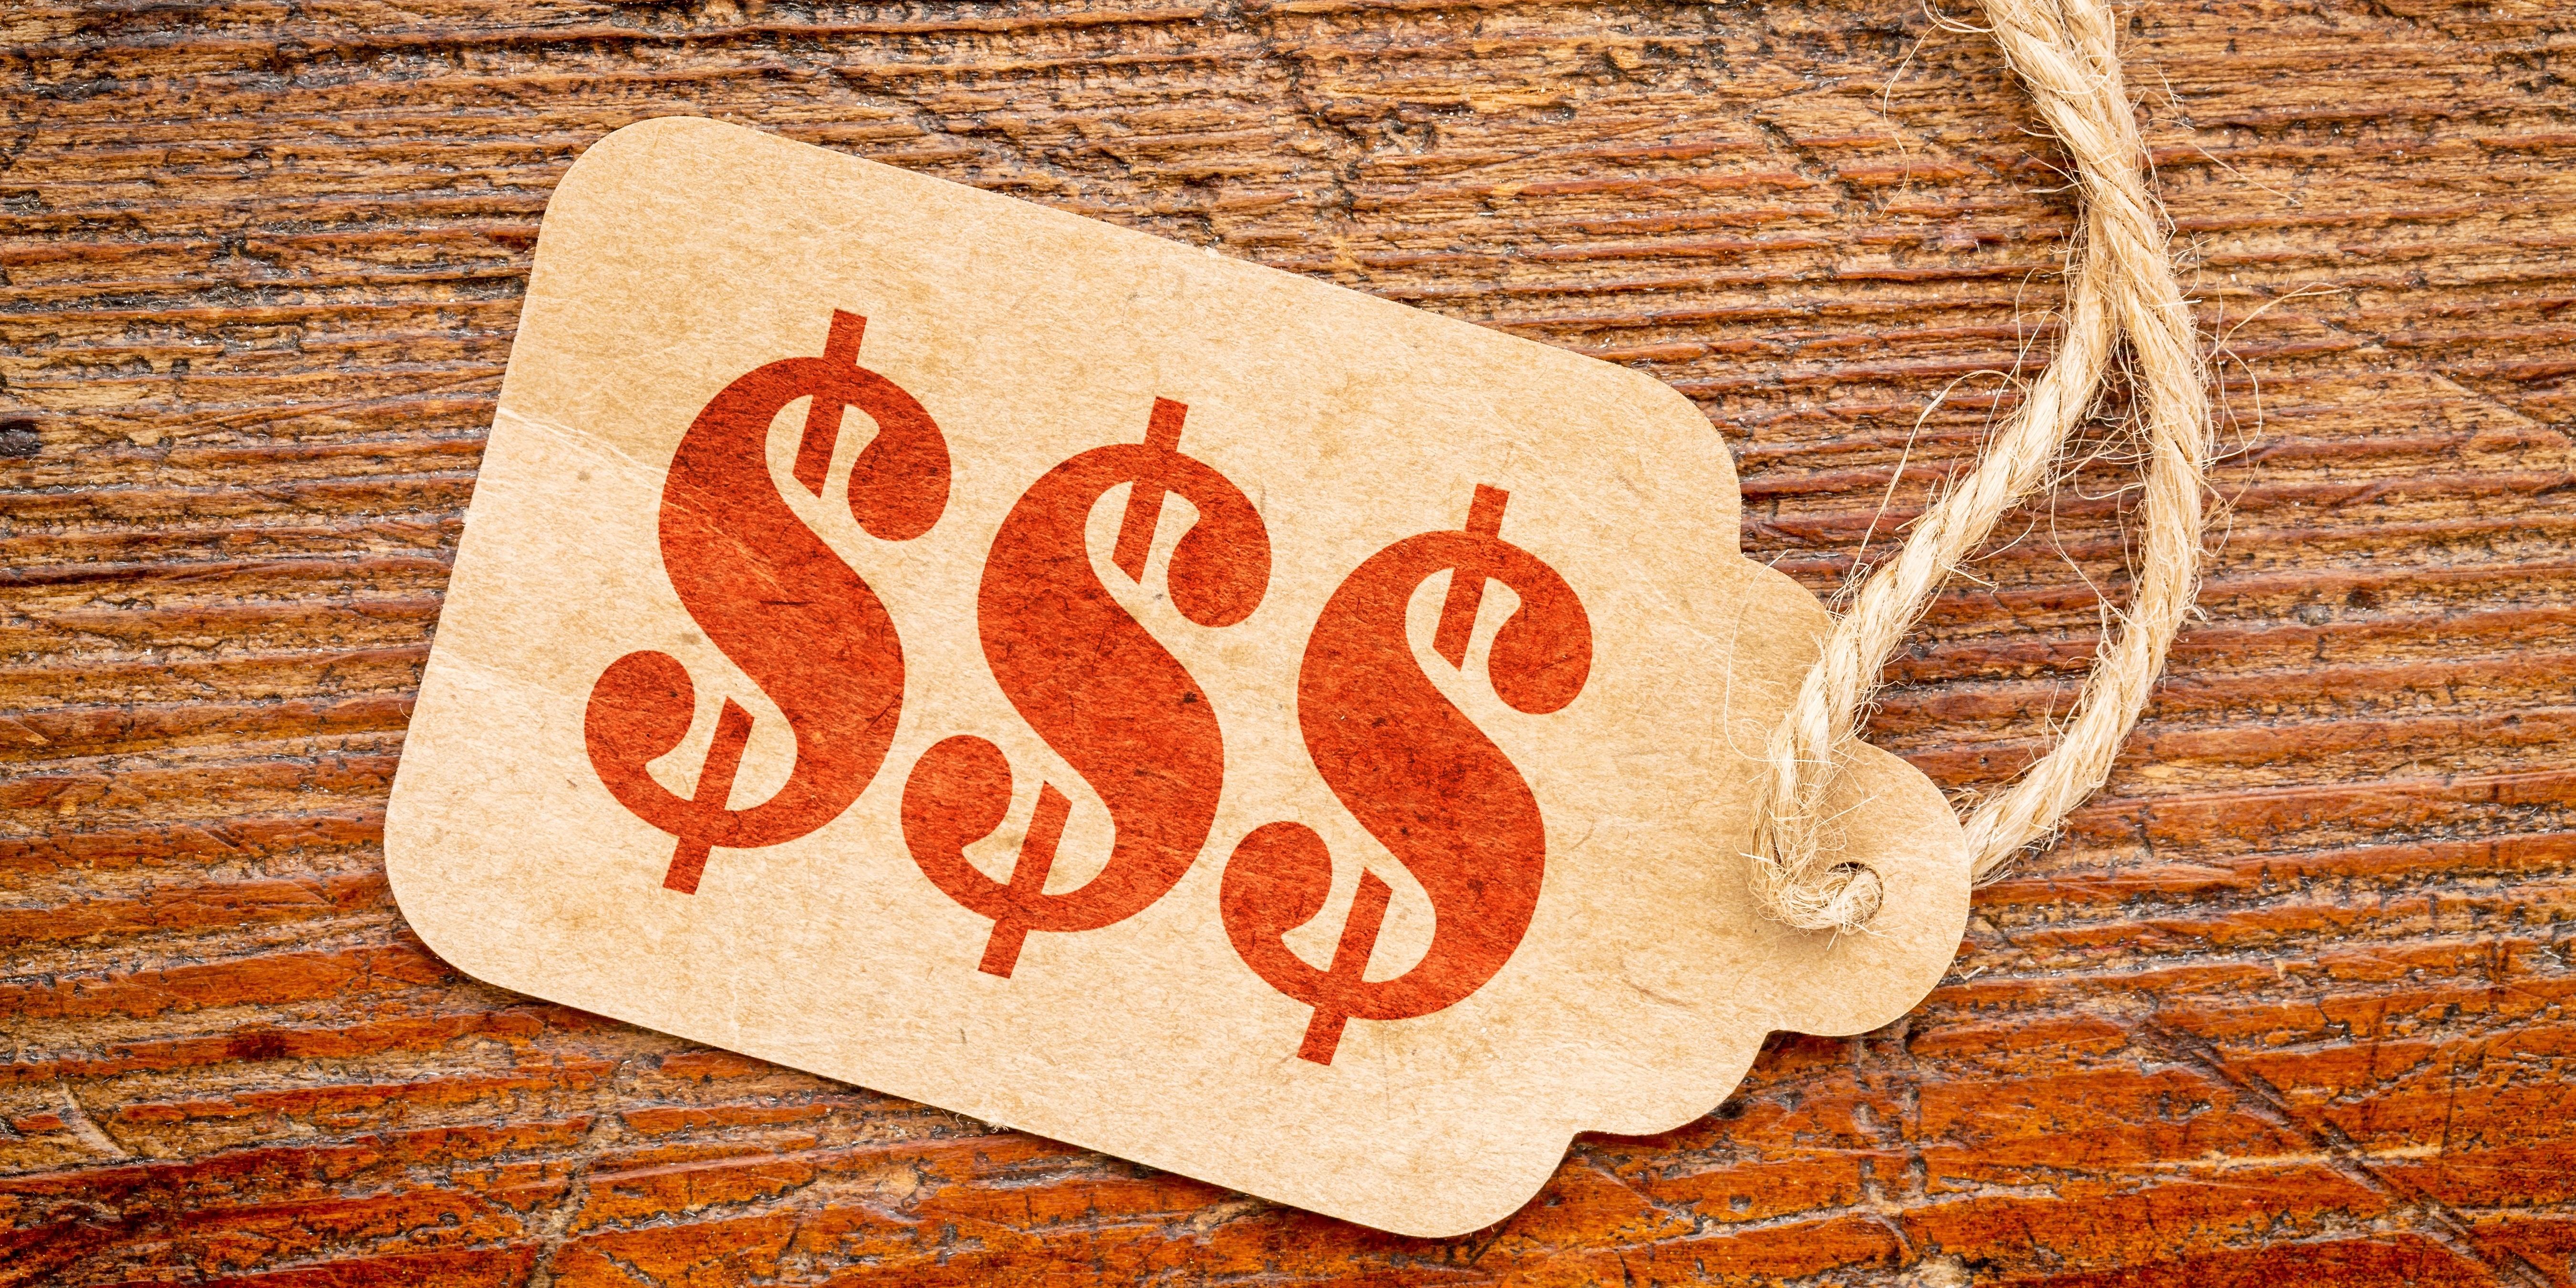 Tus precios están mal: un error que cometen la mayoría de las agencias